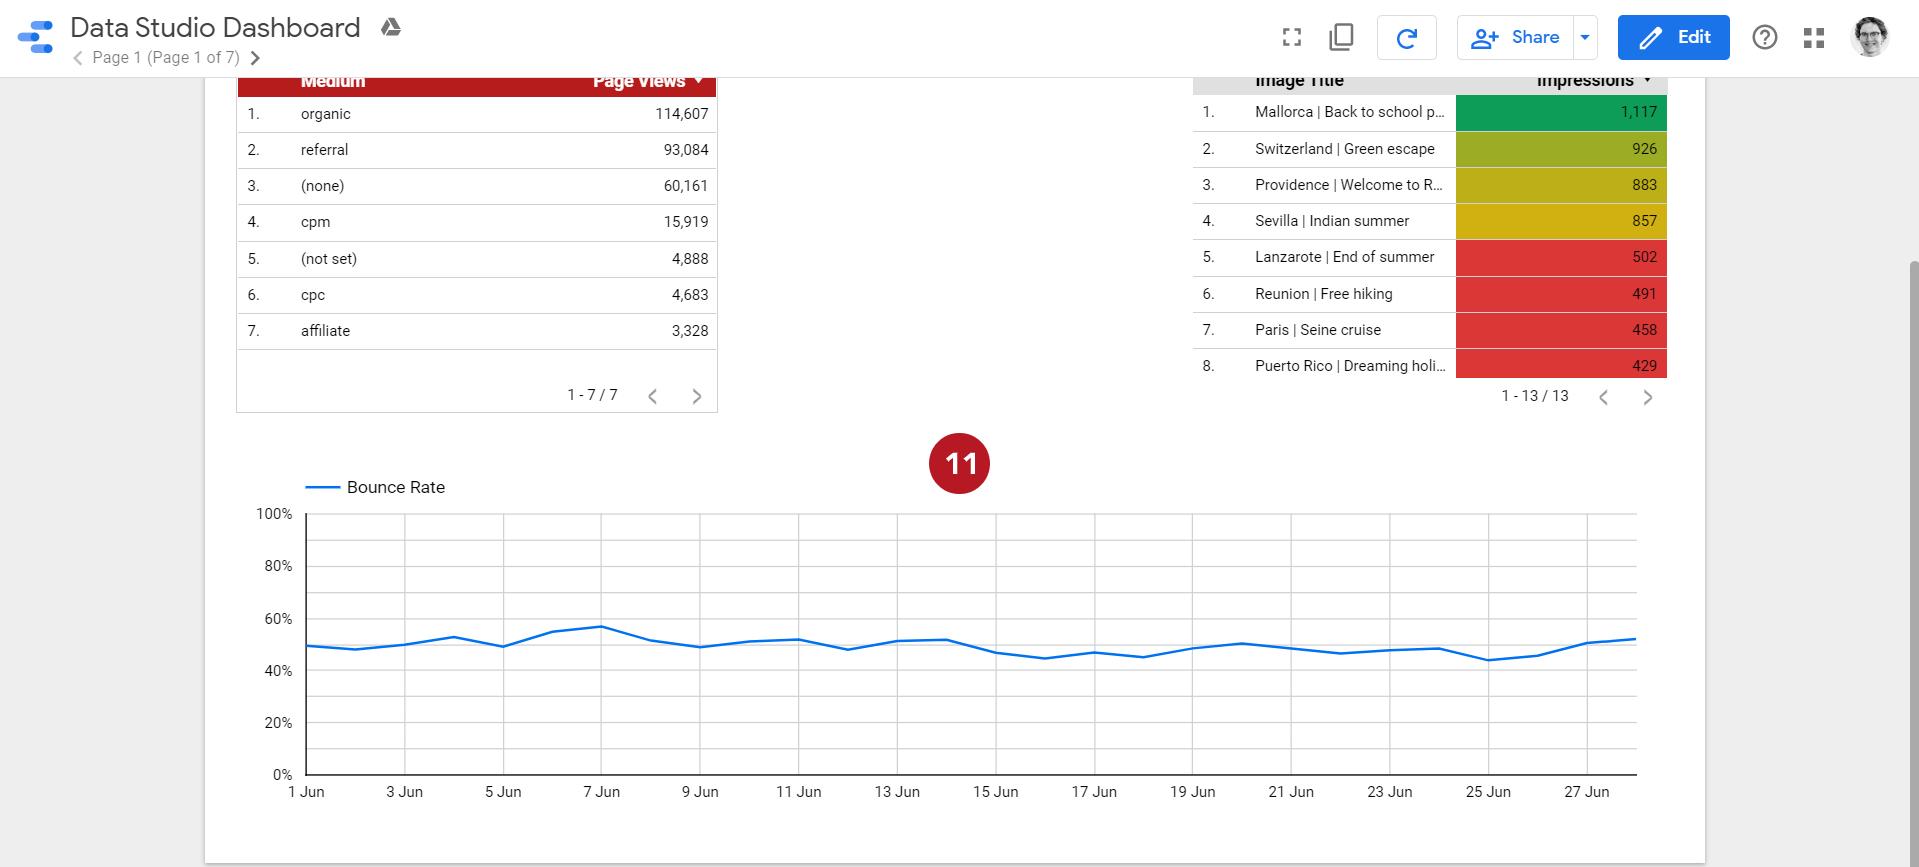 Capture d'écran de l'évolution du taux de rebond d'un graphique sur Data Studio